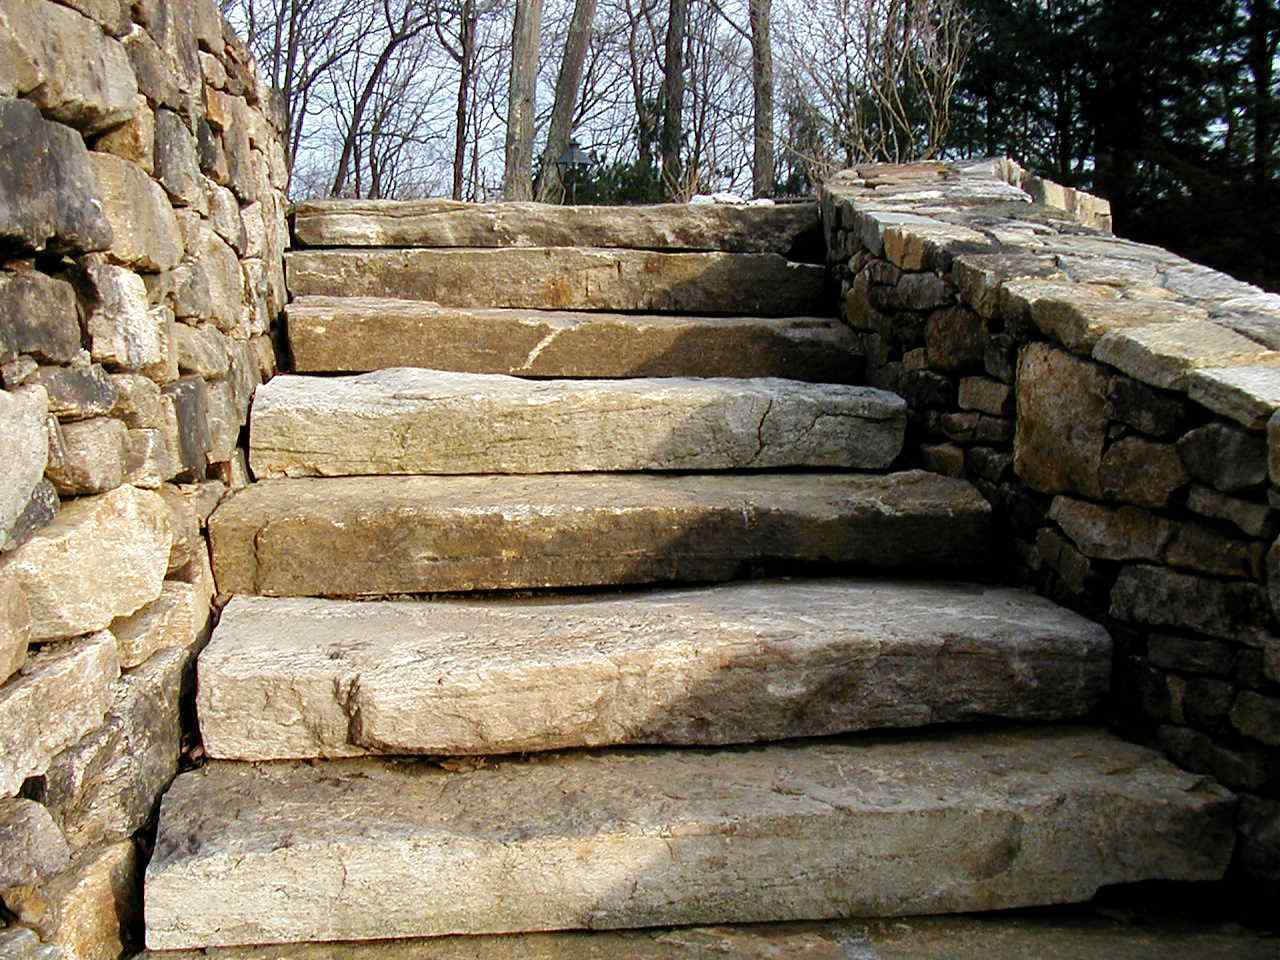 GraniteSlabsteps.JPG